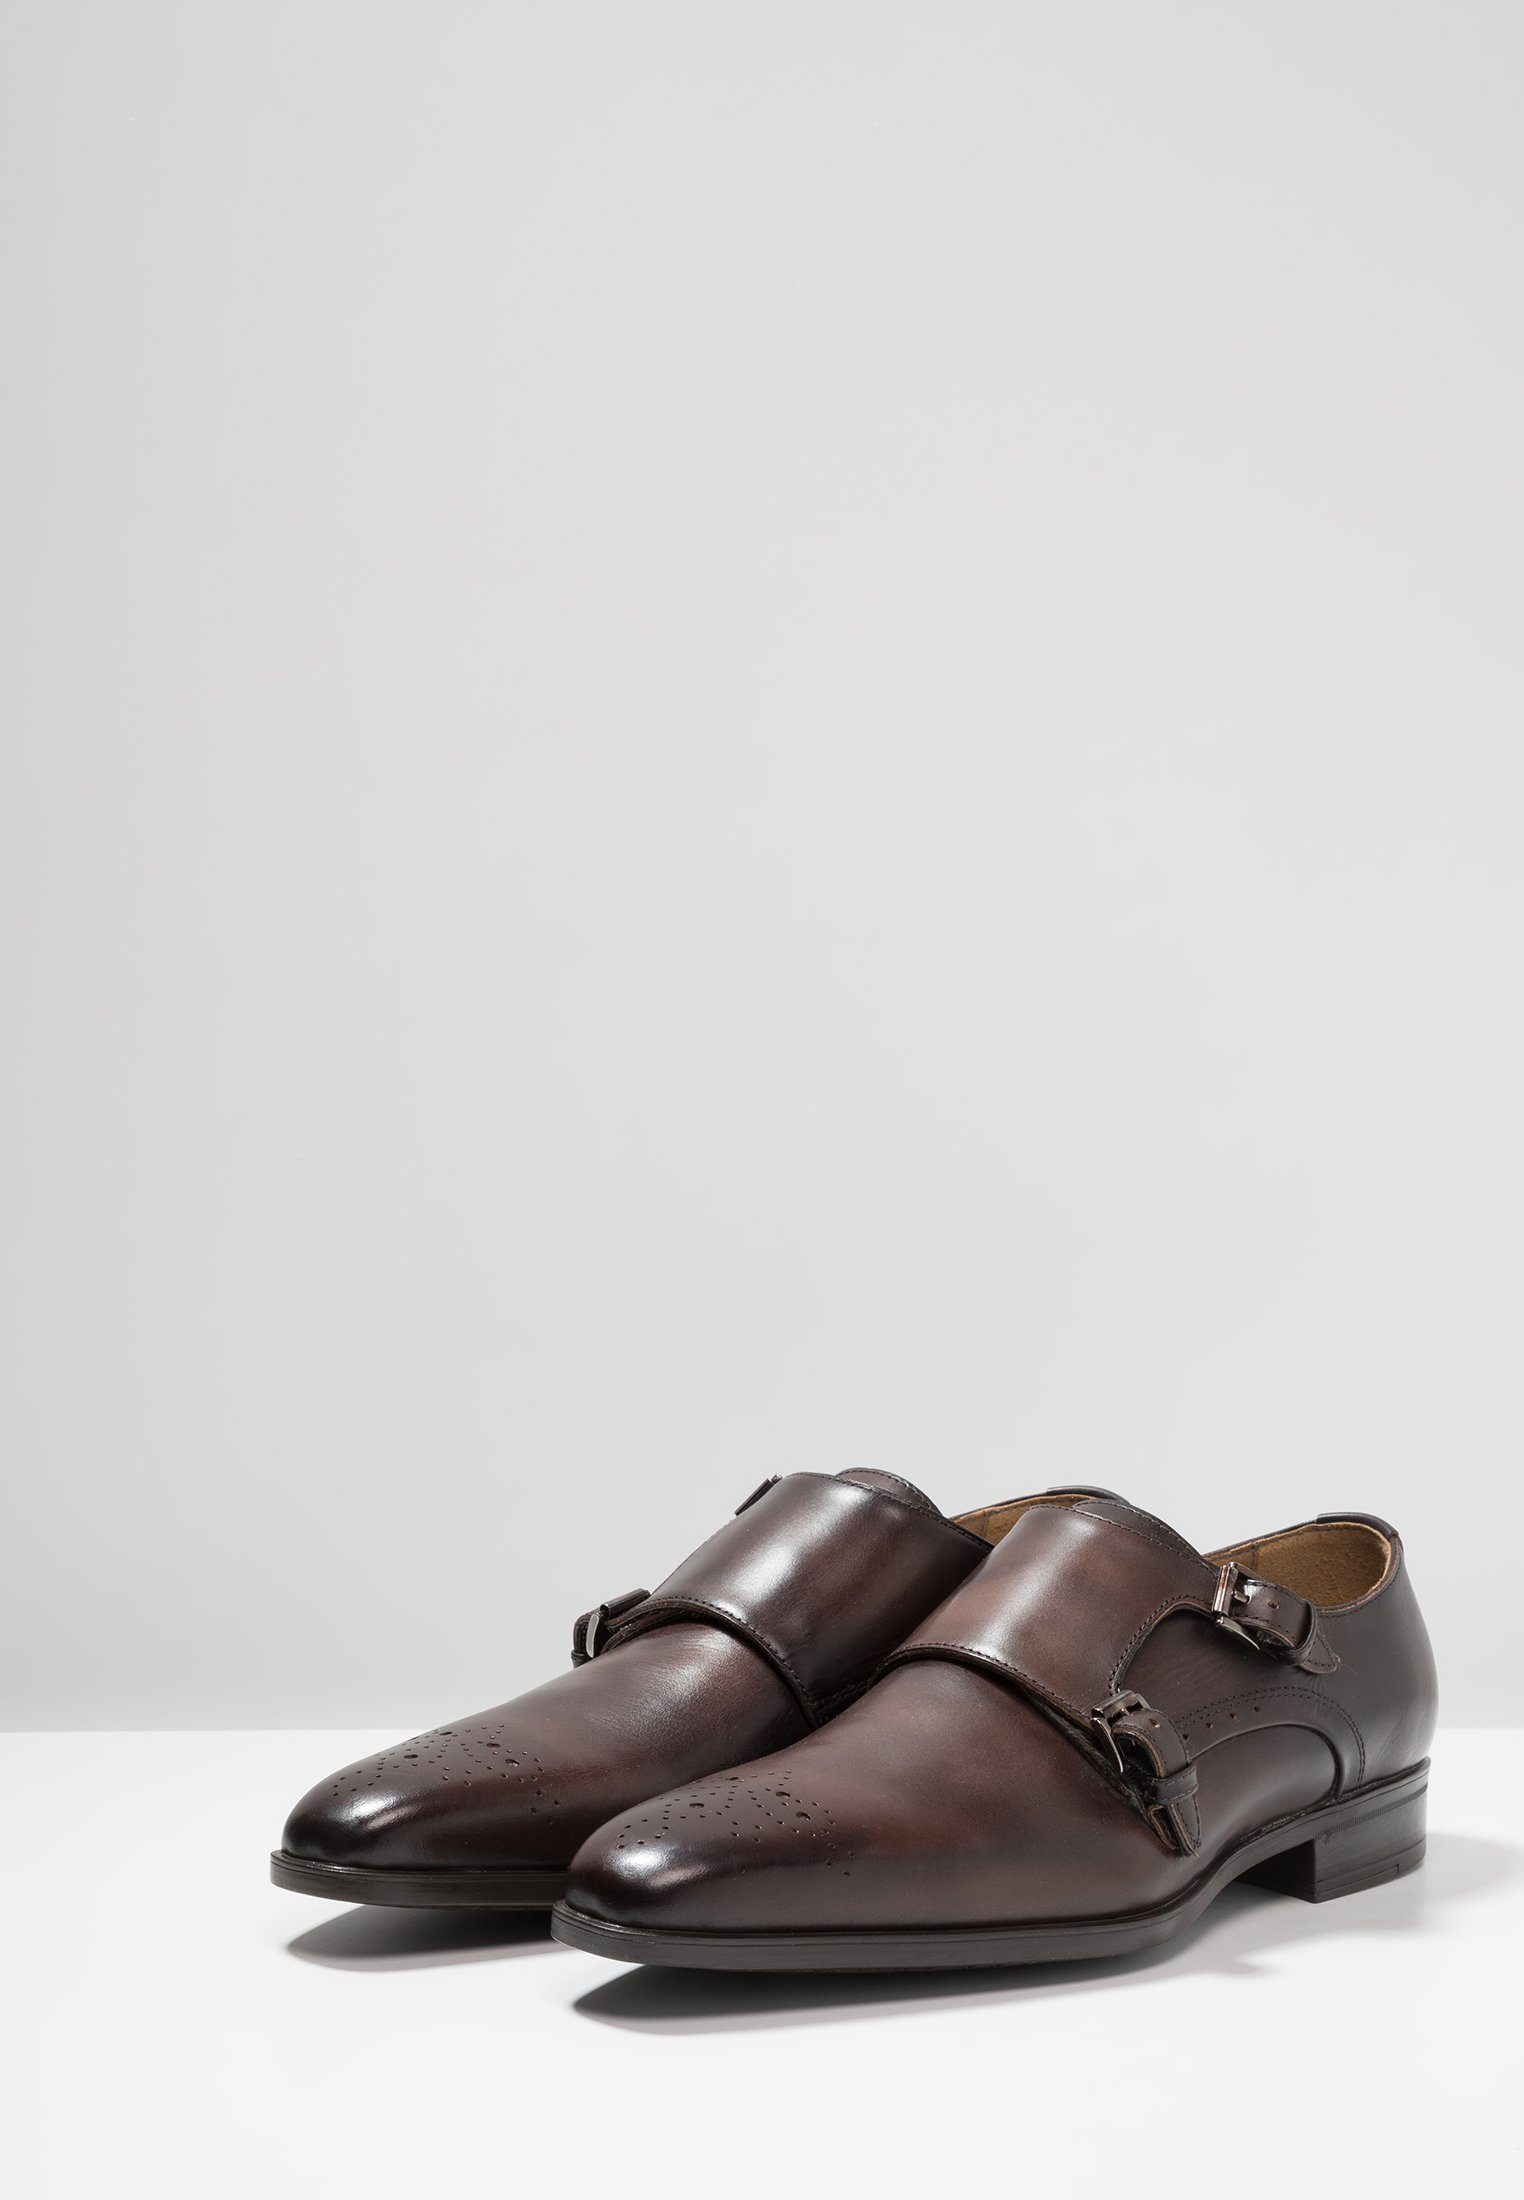 Giorgio 1958 Slip-ins - brown/brun - Herrskor Fl0L0